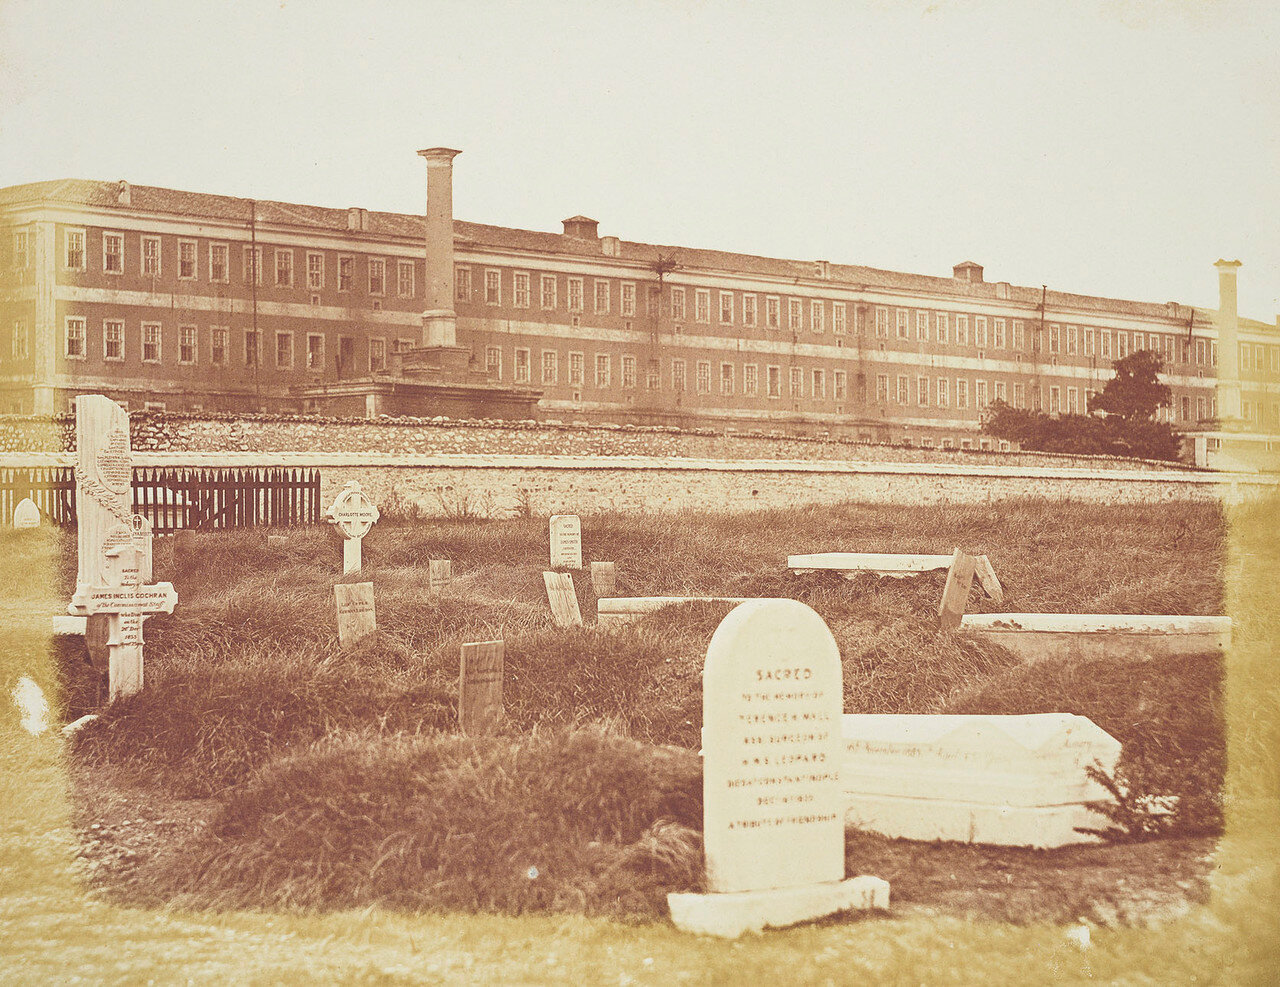 Кладбище Хайдарпаша возле больничного комплекса Скутари в Константинополе